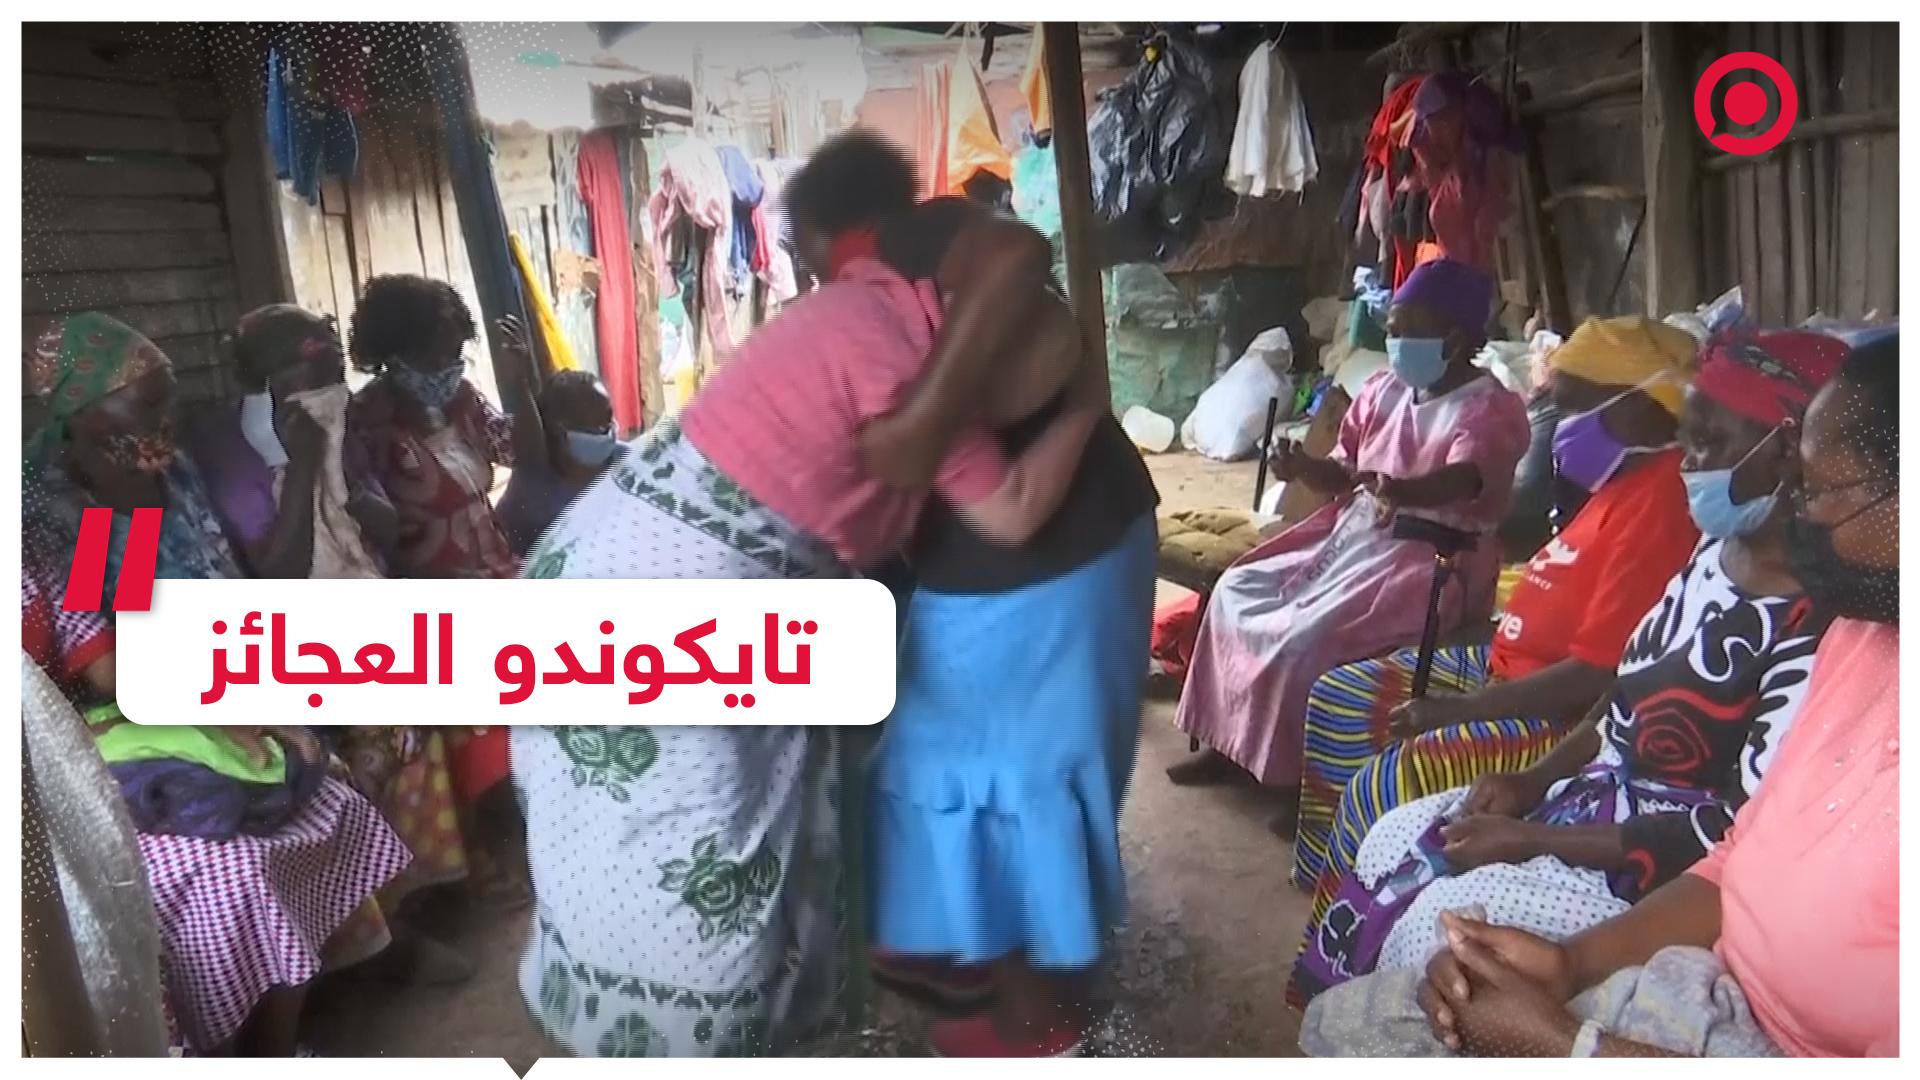 #كينيا #اغتصاب #تايكوندو